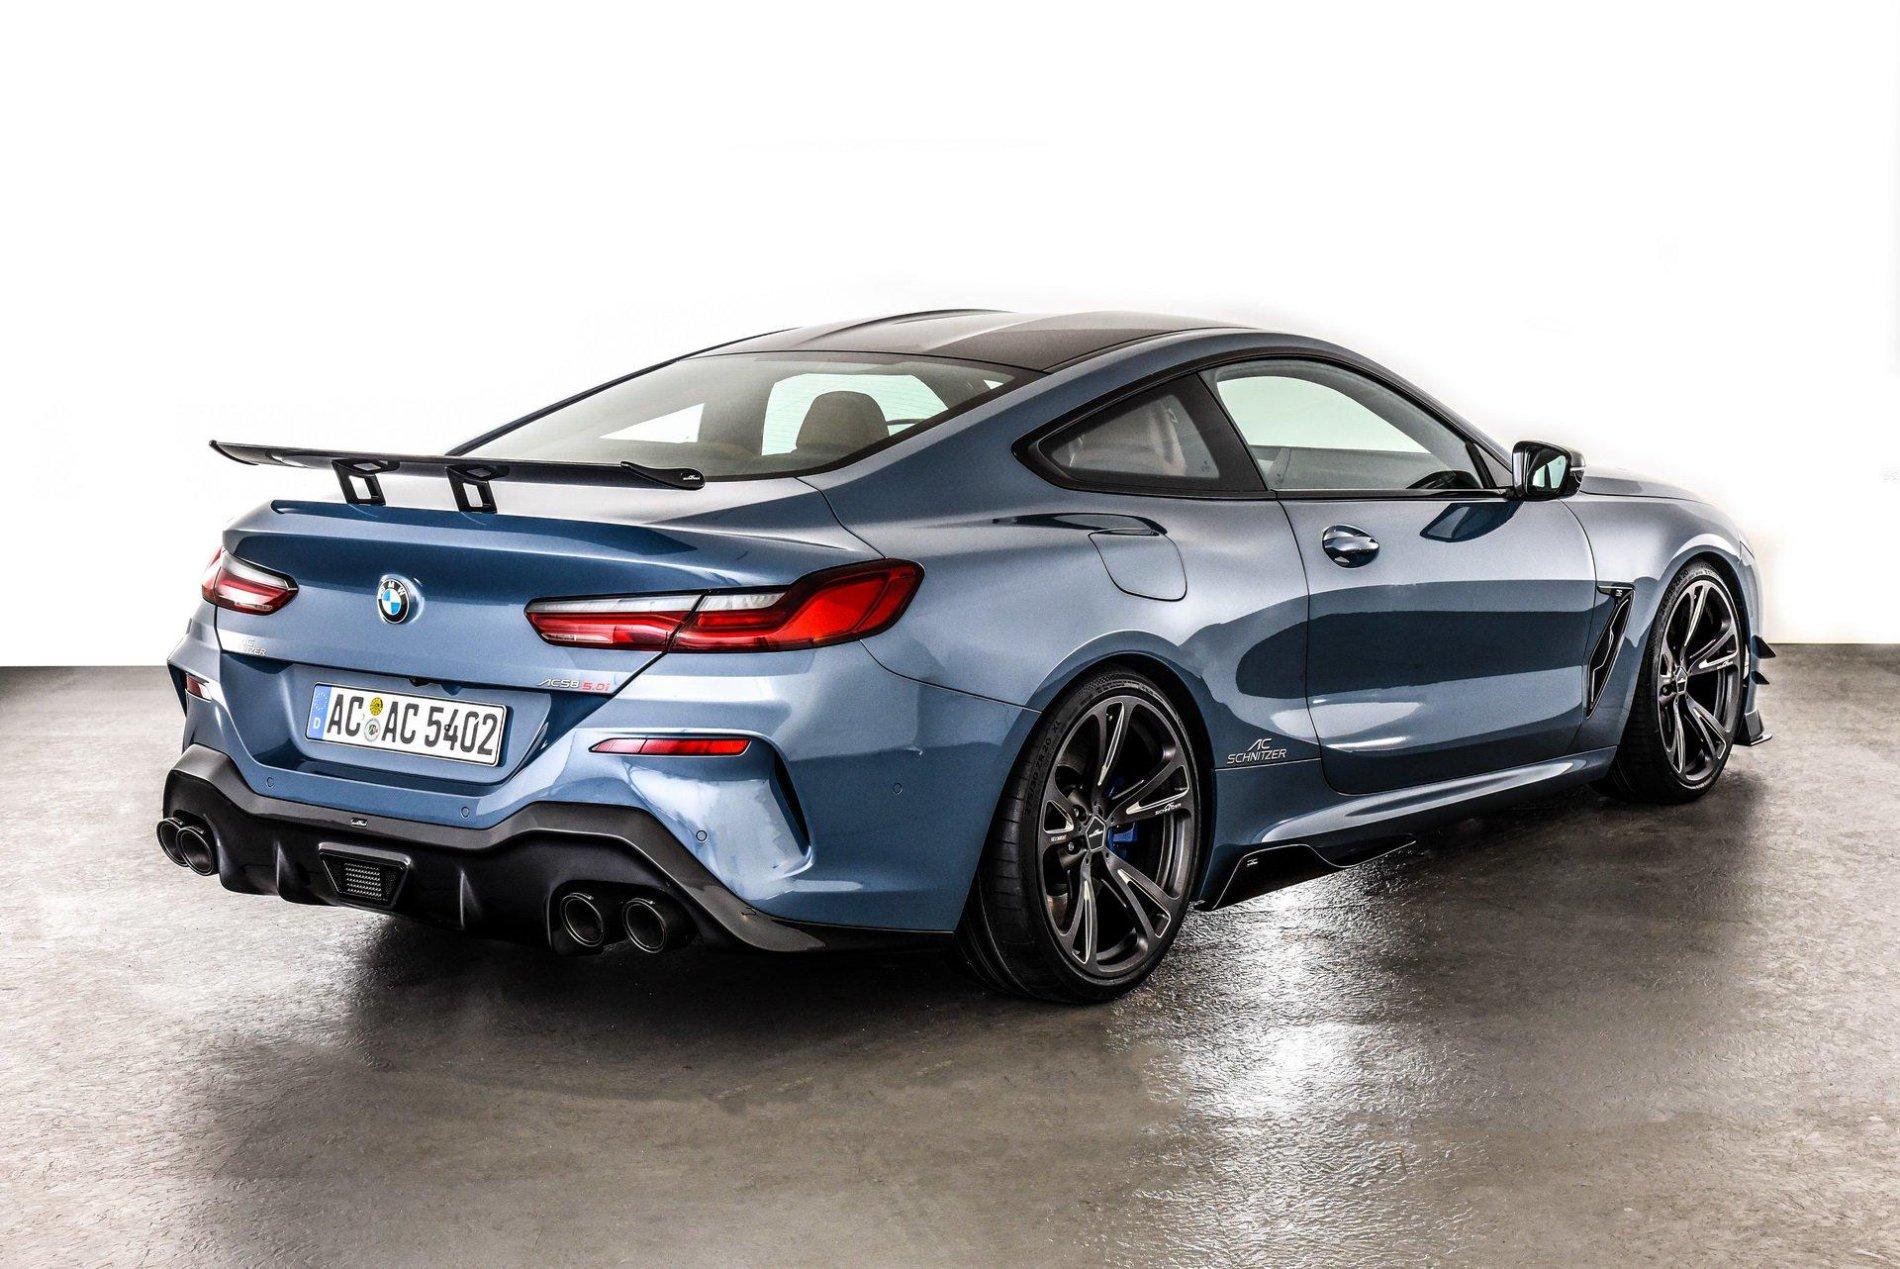 BMW Seria 8 de la AC Schnitzer - BMW Seria 8 de la AC Schnitzer